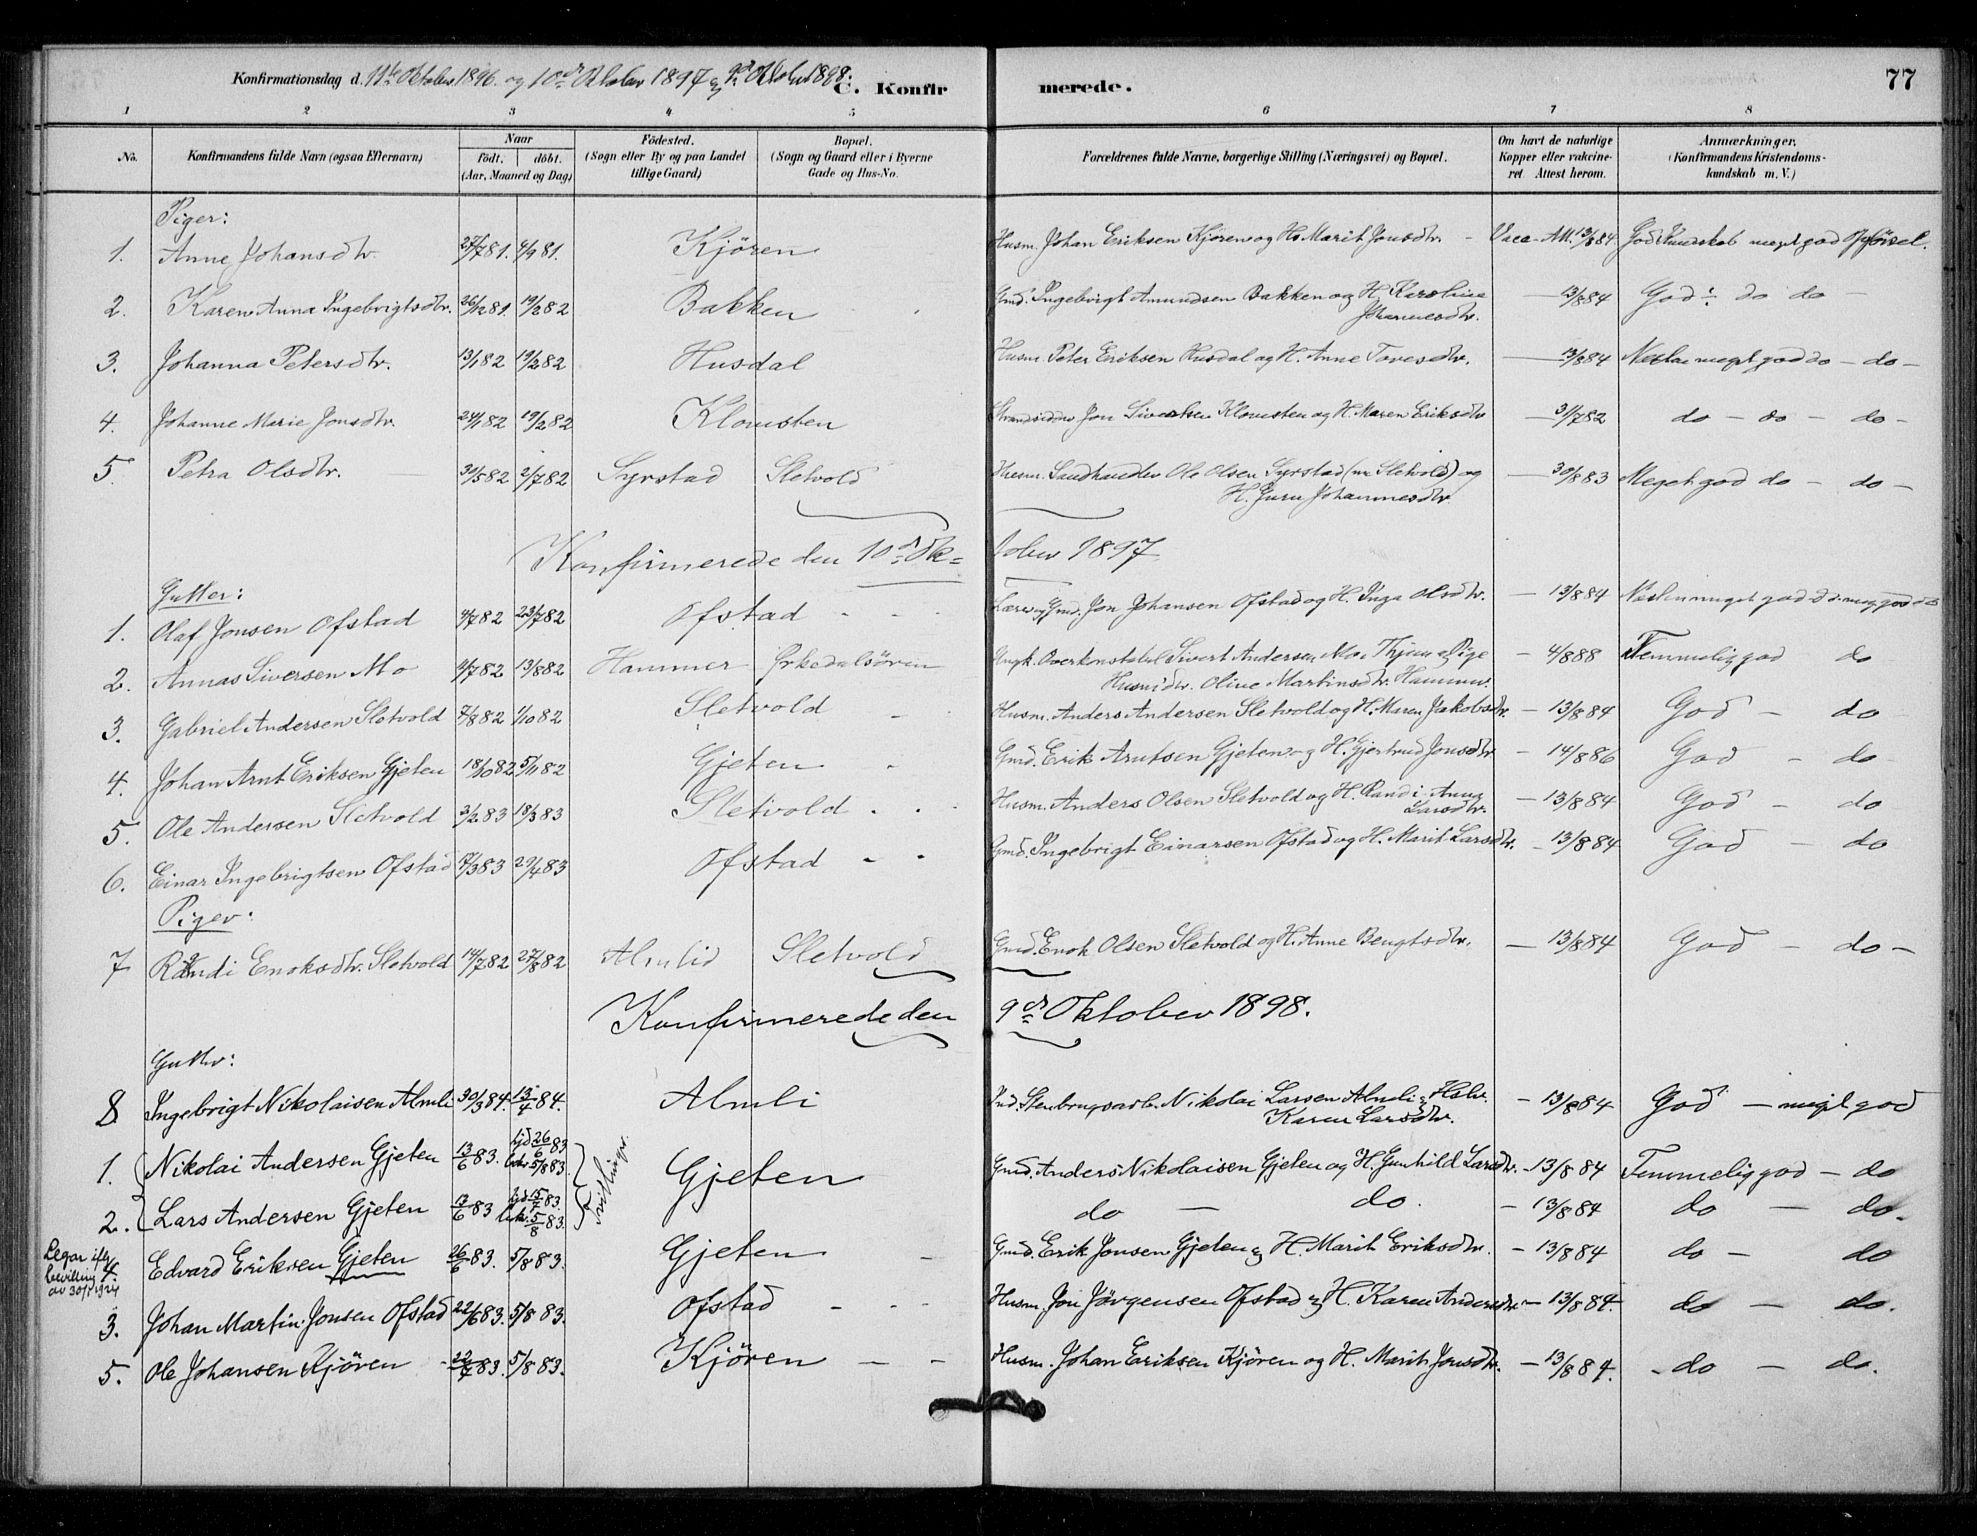 SAT, Ministerialprotokoller, klokkerbøker og fødselsregistre - Sør-Trøndelag, 670/L0836: Ministerialbok nr. 670A01, 1879-1904, s. 77